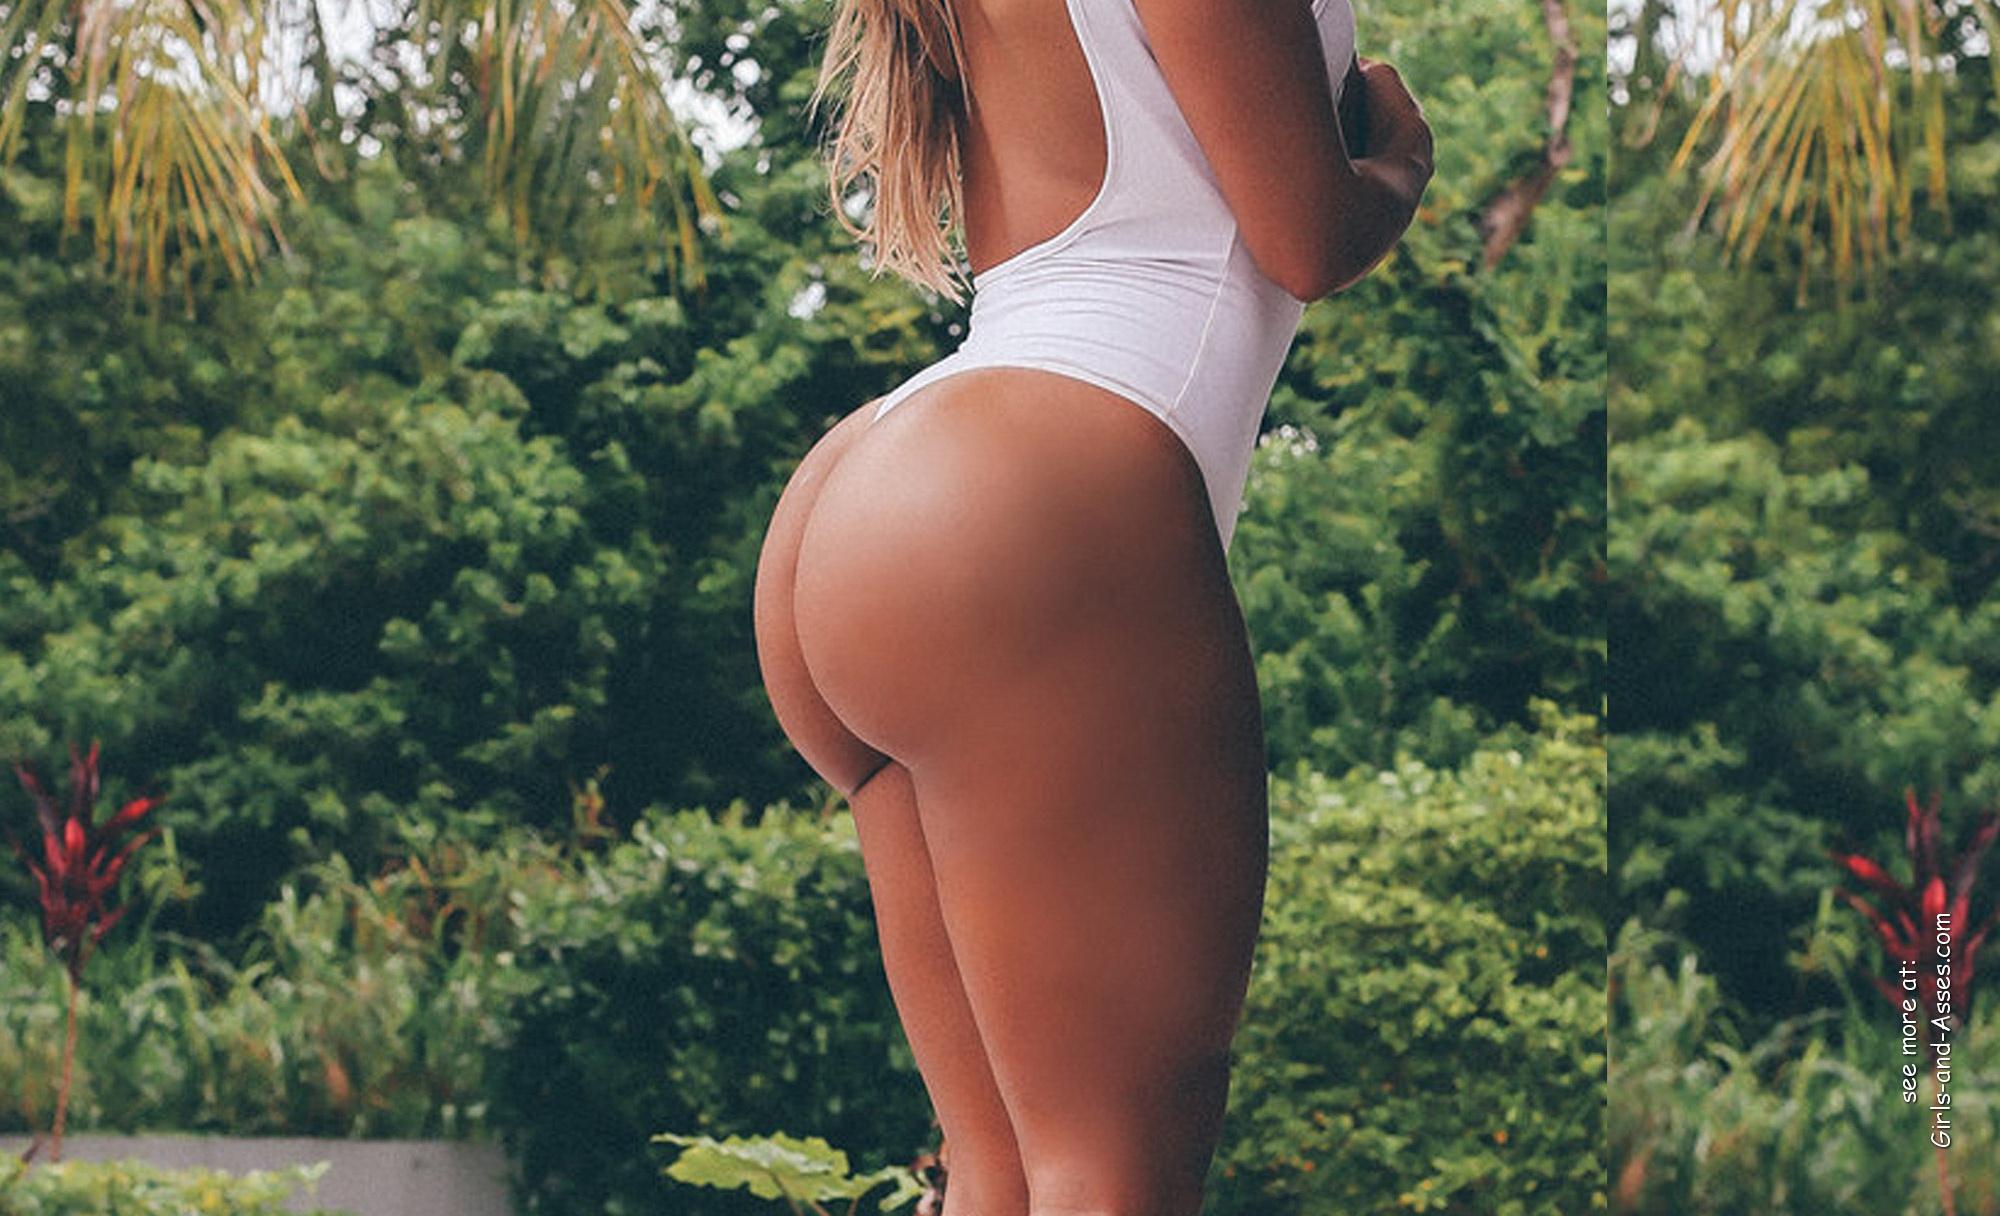 big assed naked brazilian babe photo 04300